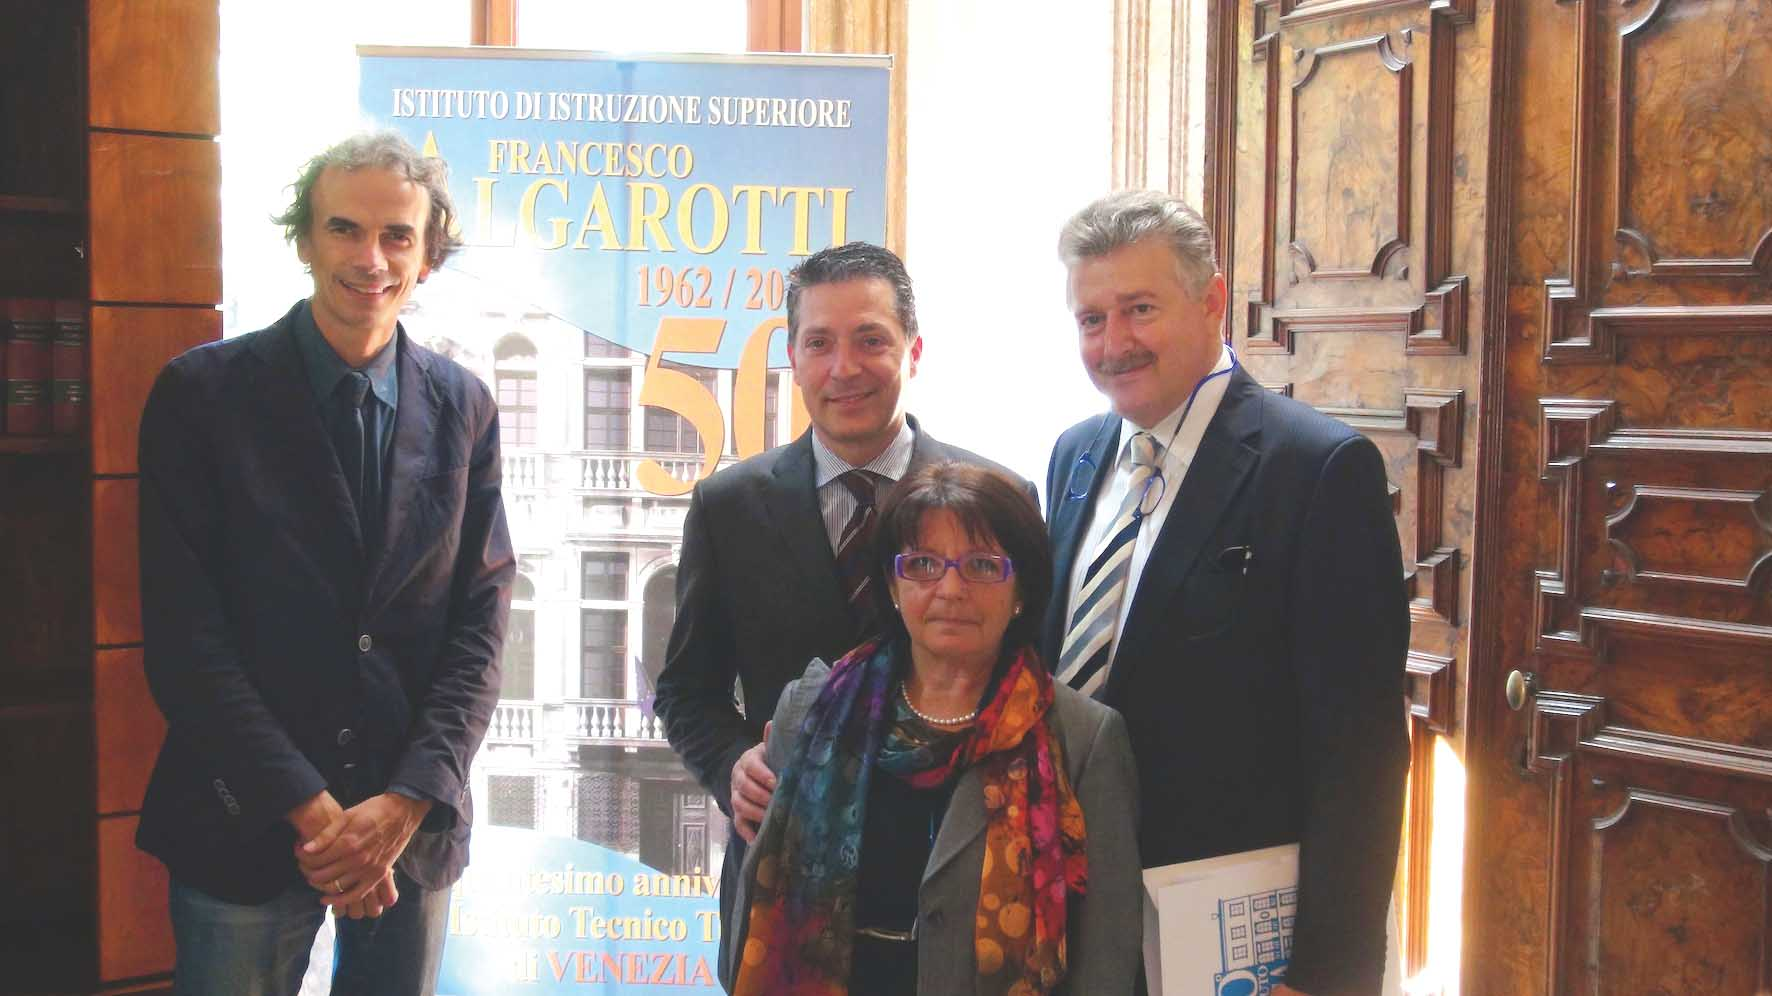 celebrazioni 50 anni istituto algarotti venezia 1